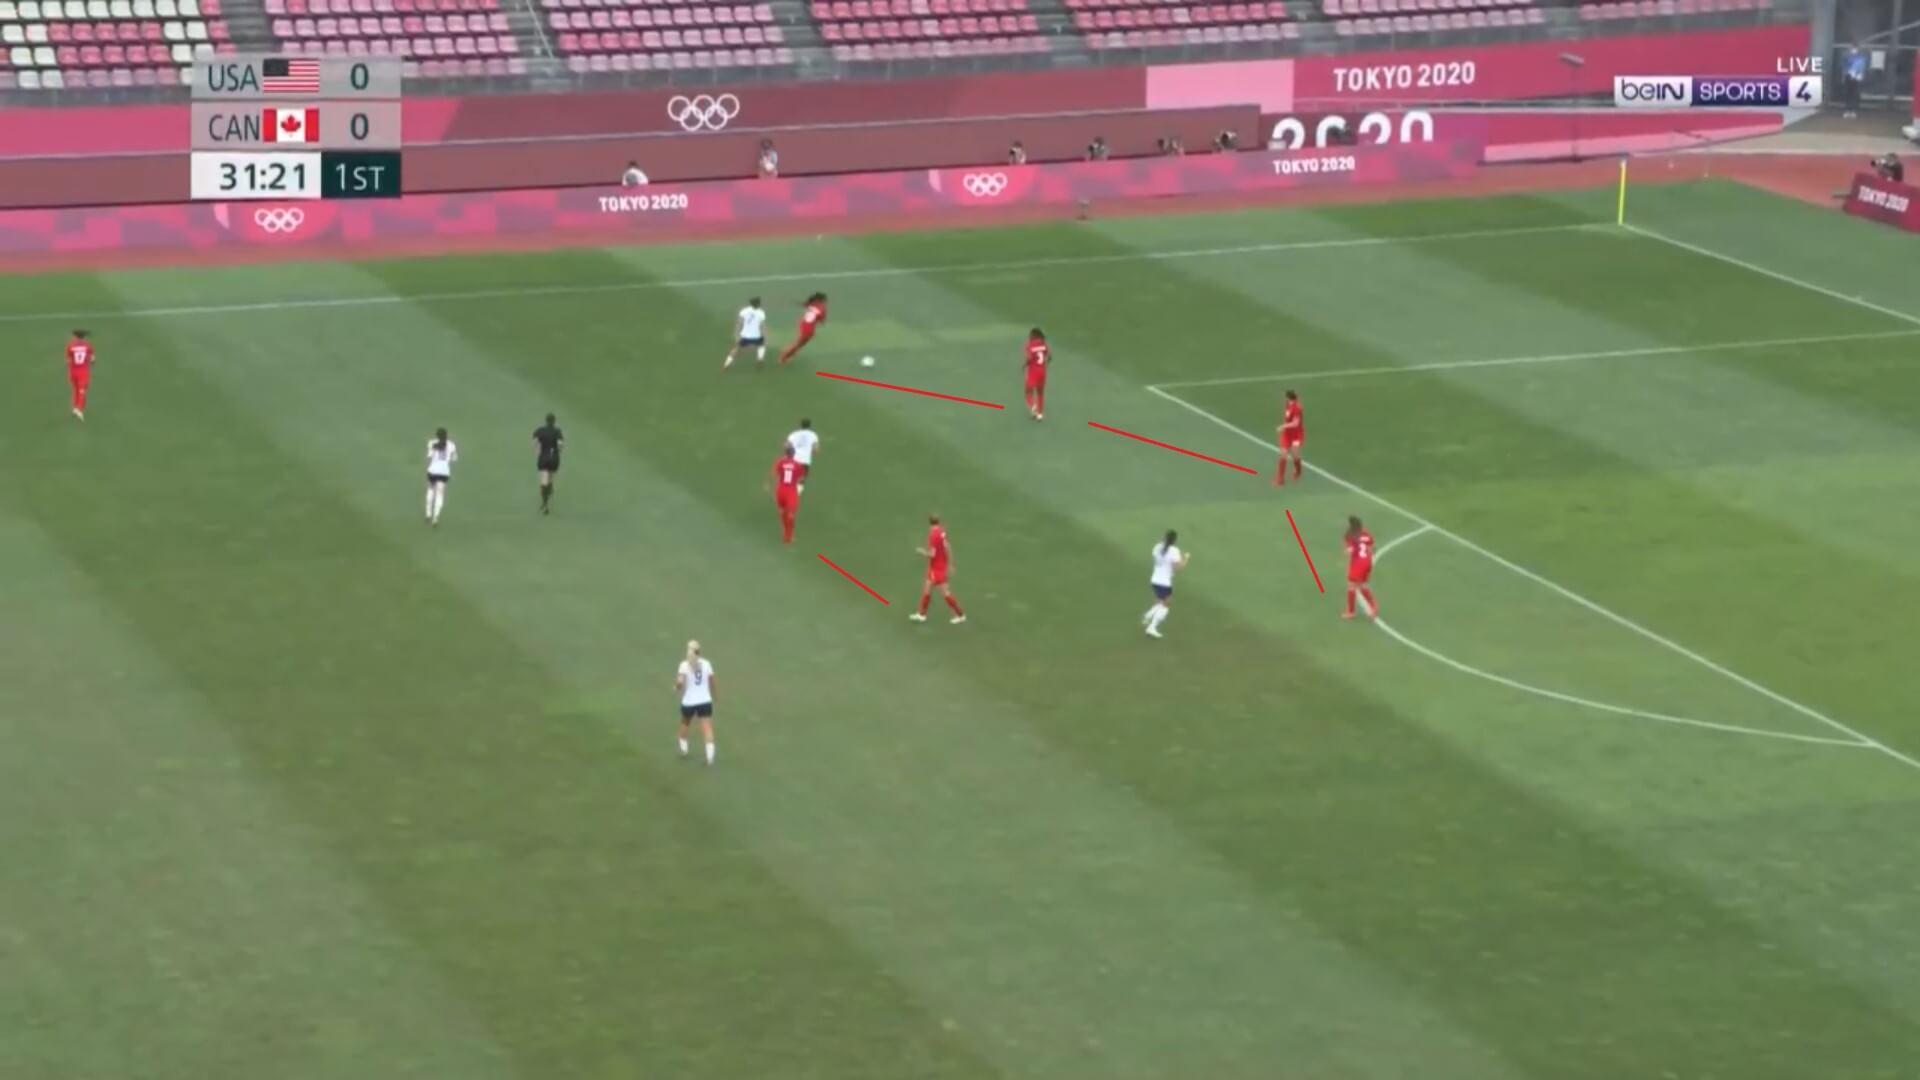 Olympics 2020: USA v Canada - tactical analysis tactics